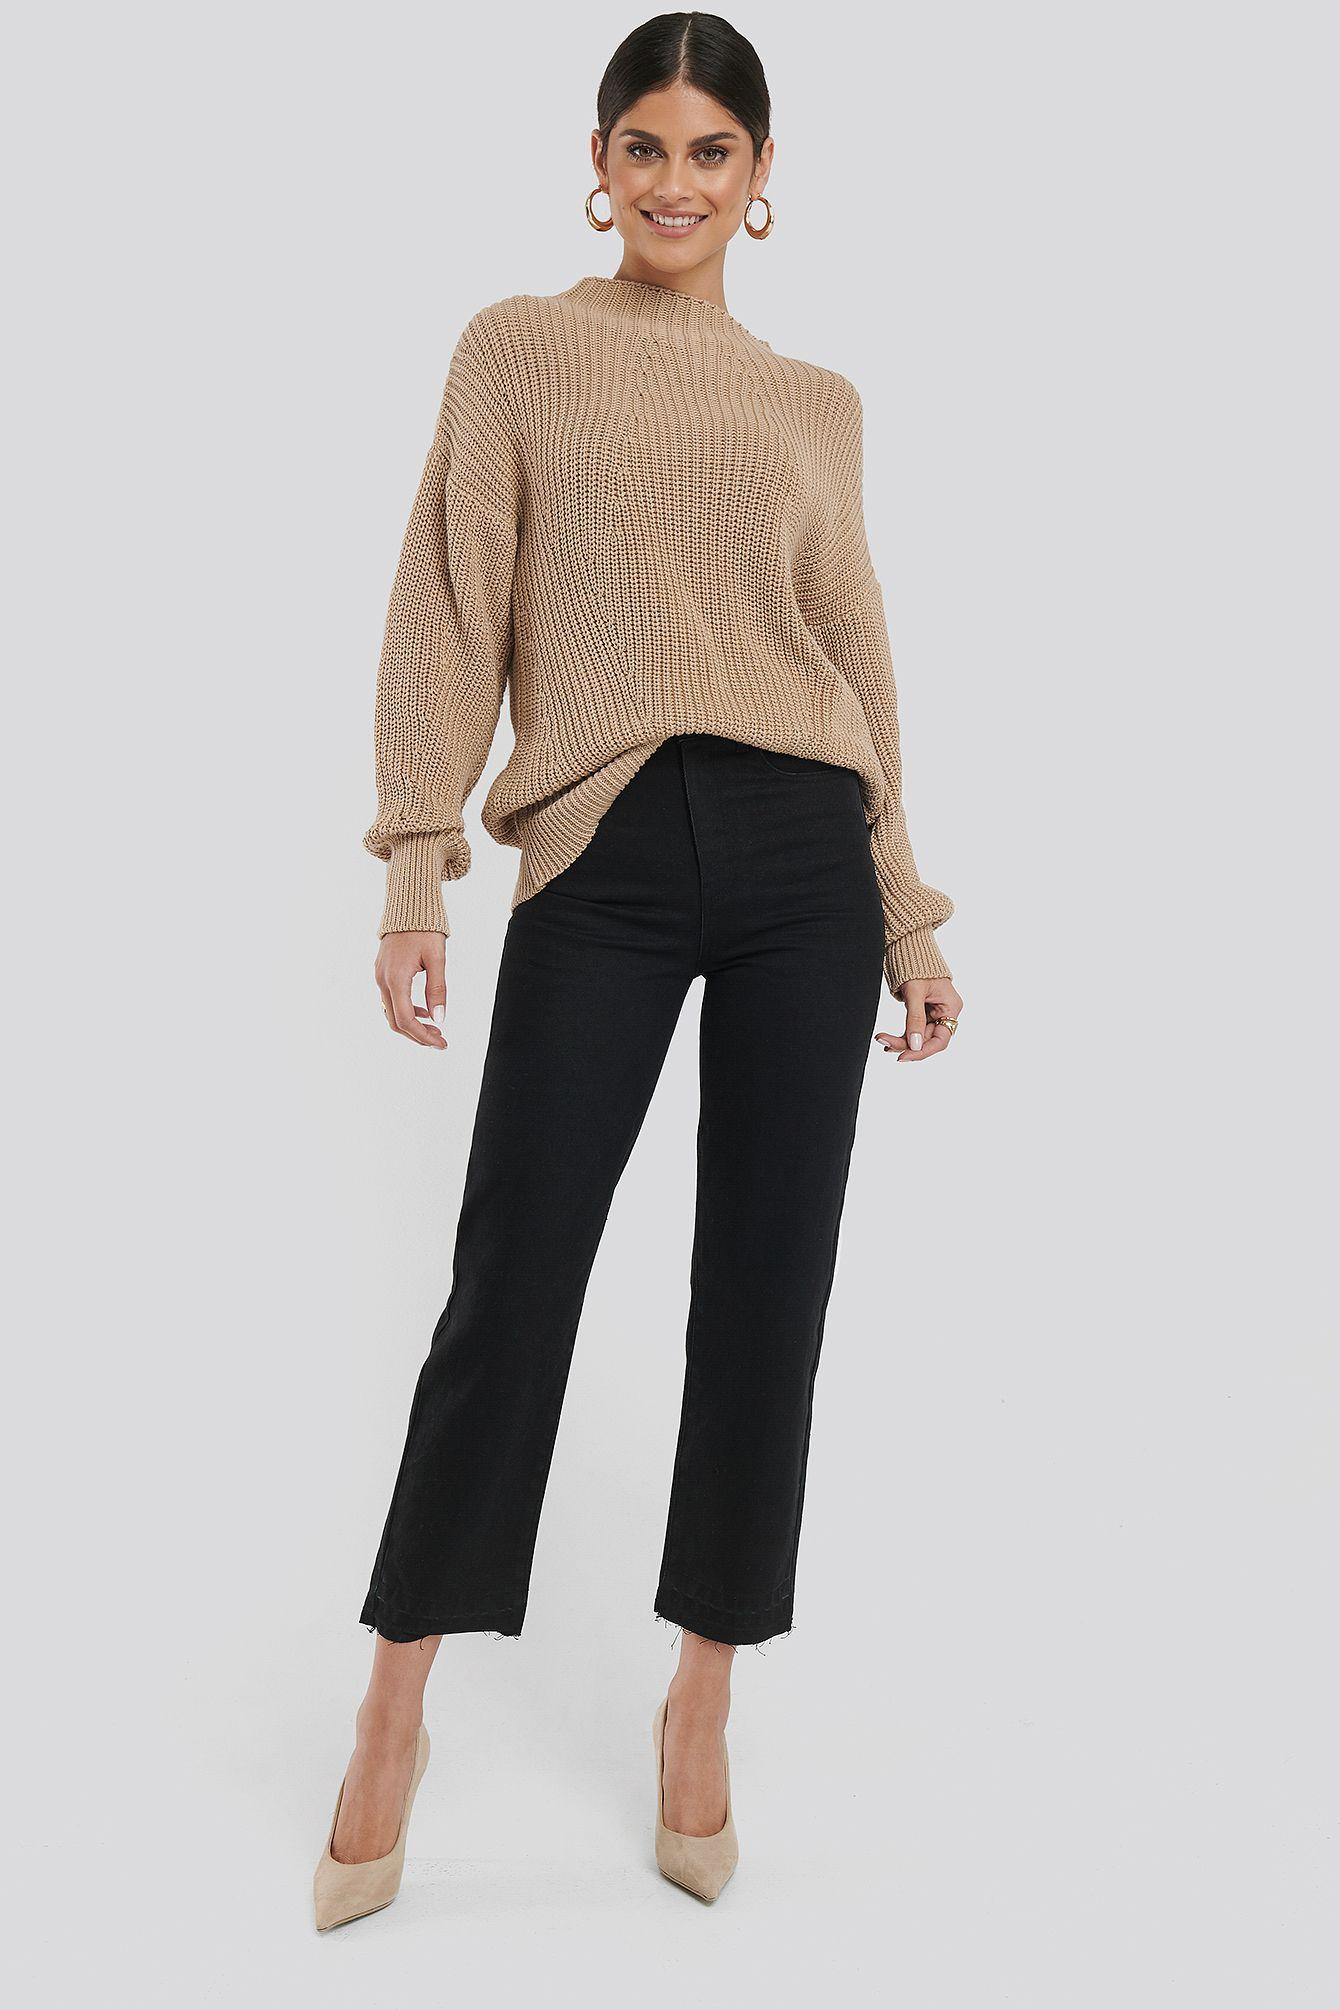 Jeans für Damen 2019 | Kaufe deine Damenjeans online